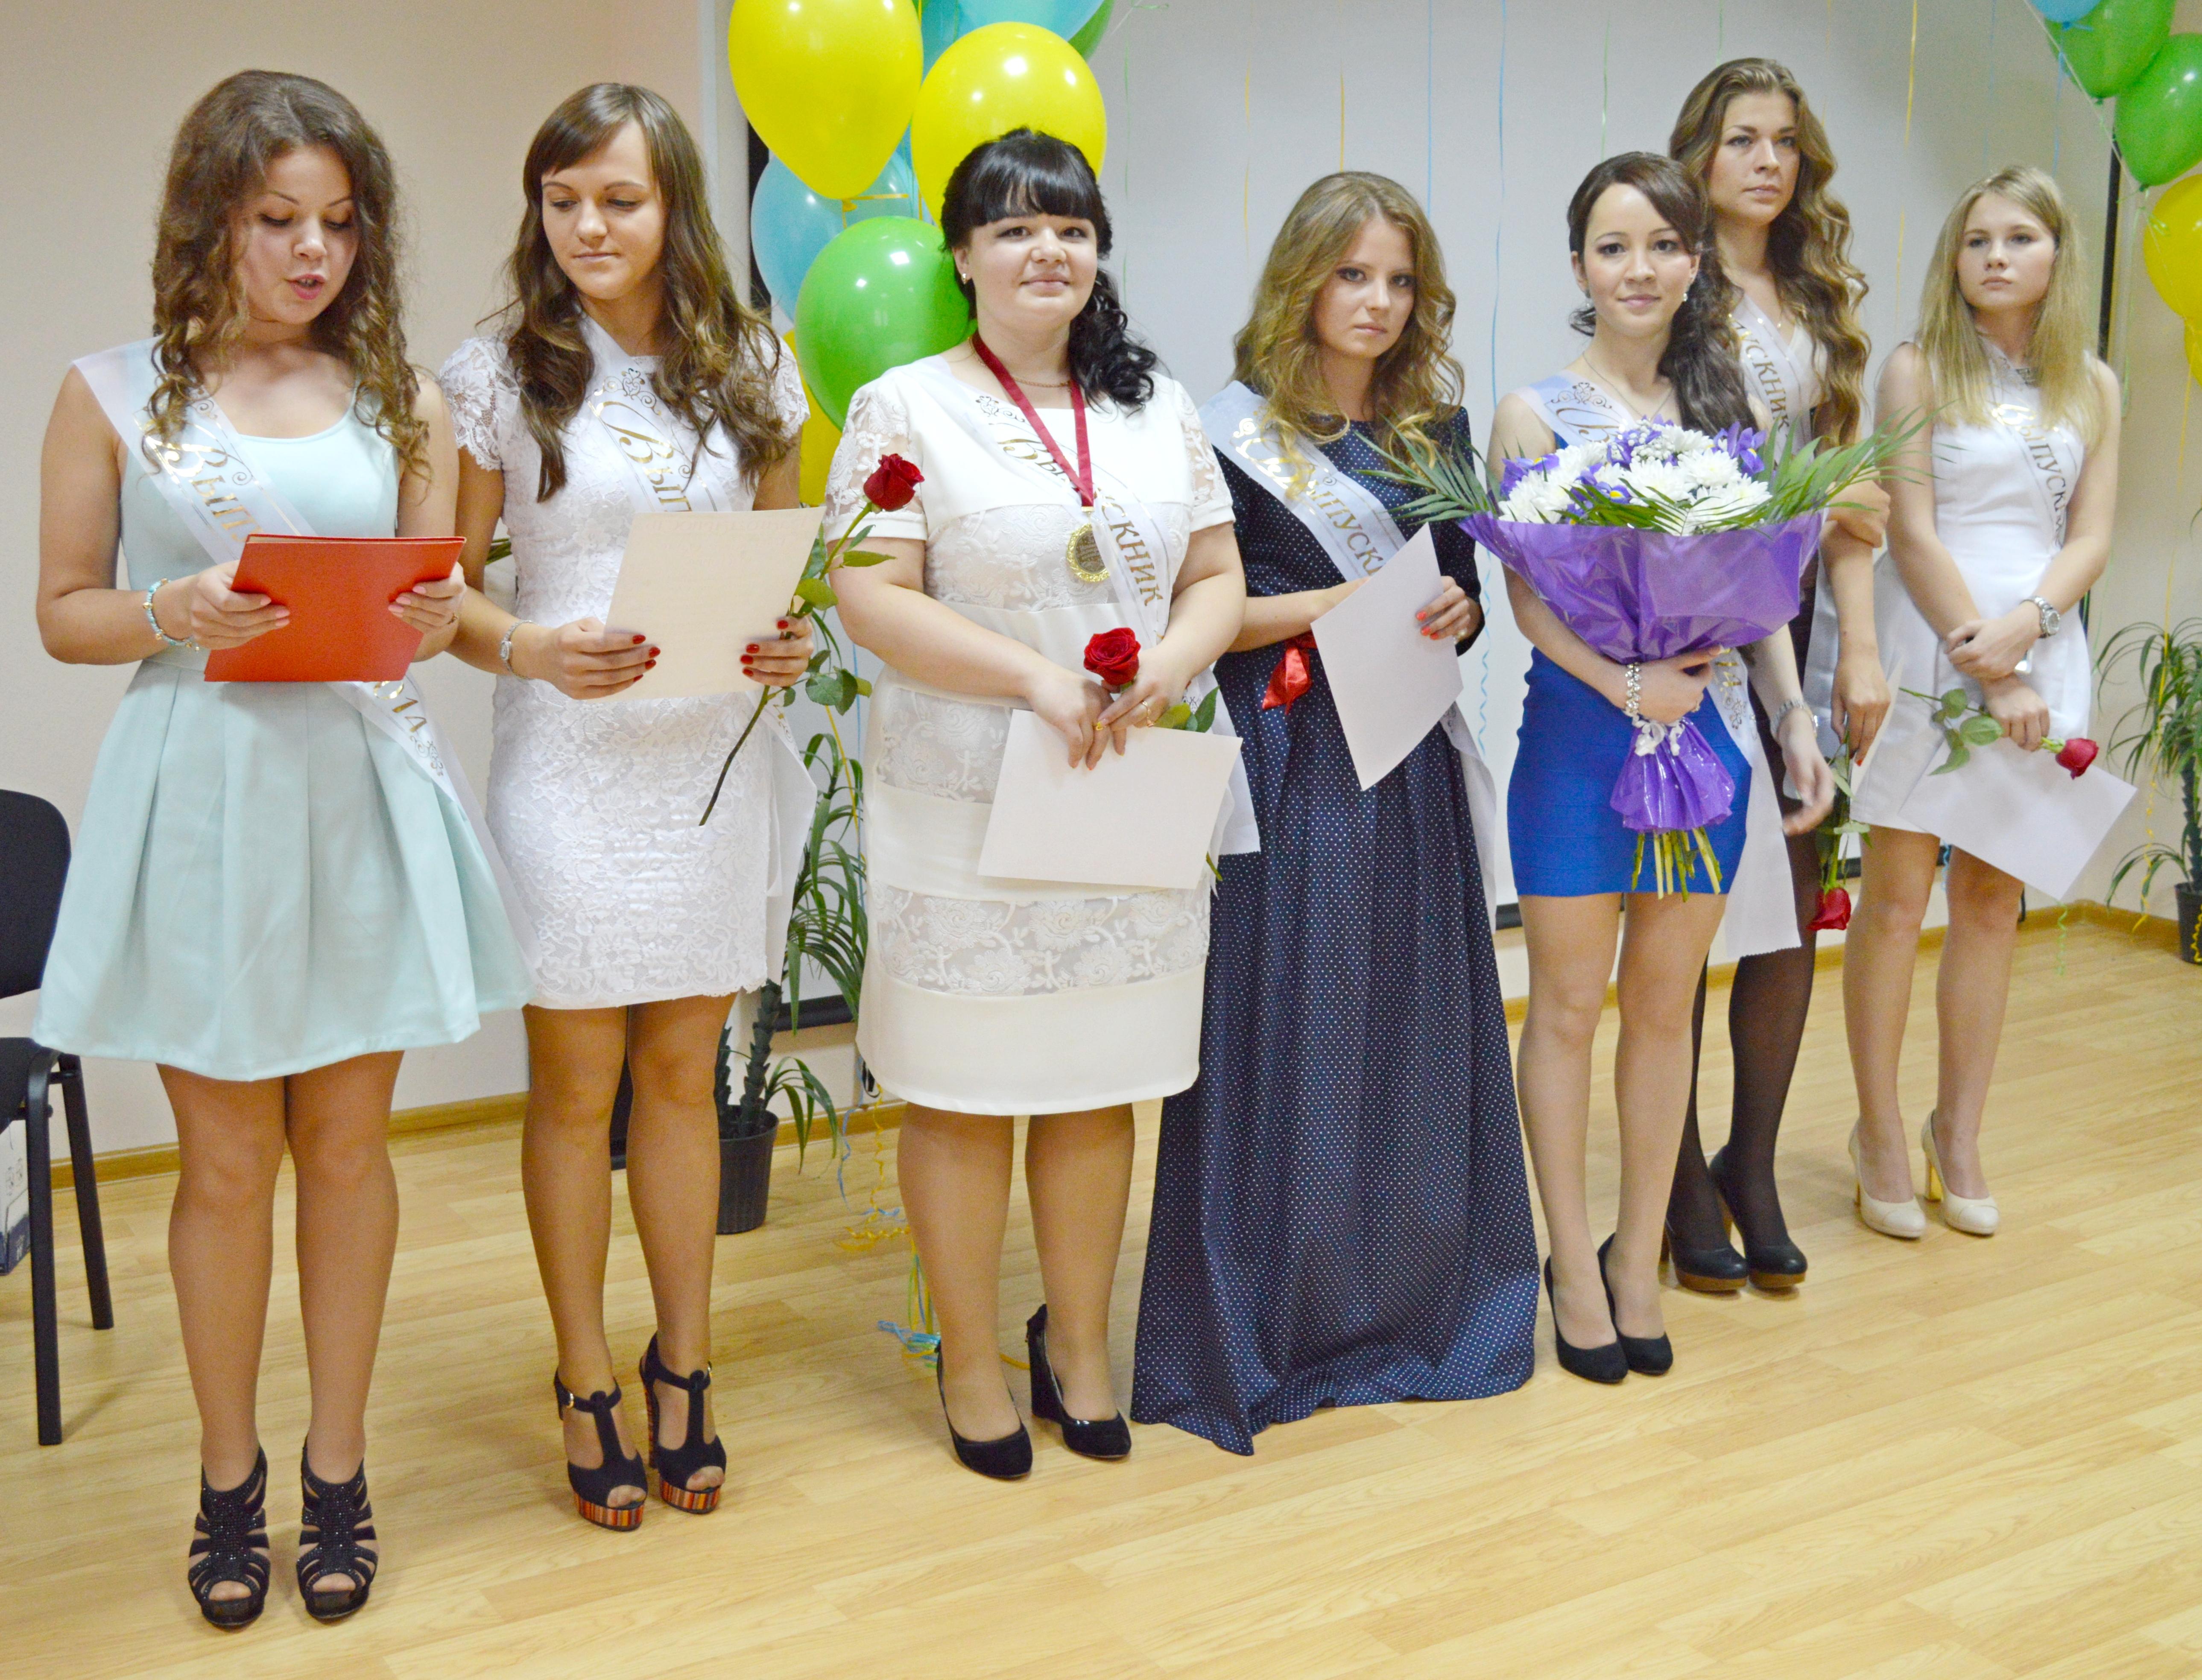 Вручение дипломов выпускникам Выборгского Медицинского колледжа  Вручение дипломов выпускникам Выборгского Медицинского колледжа